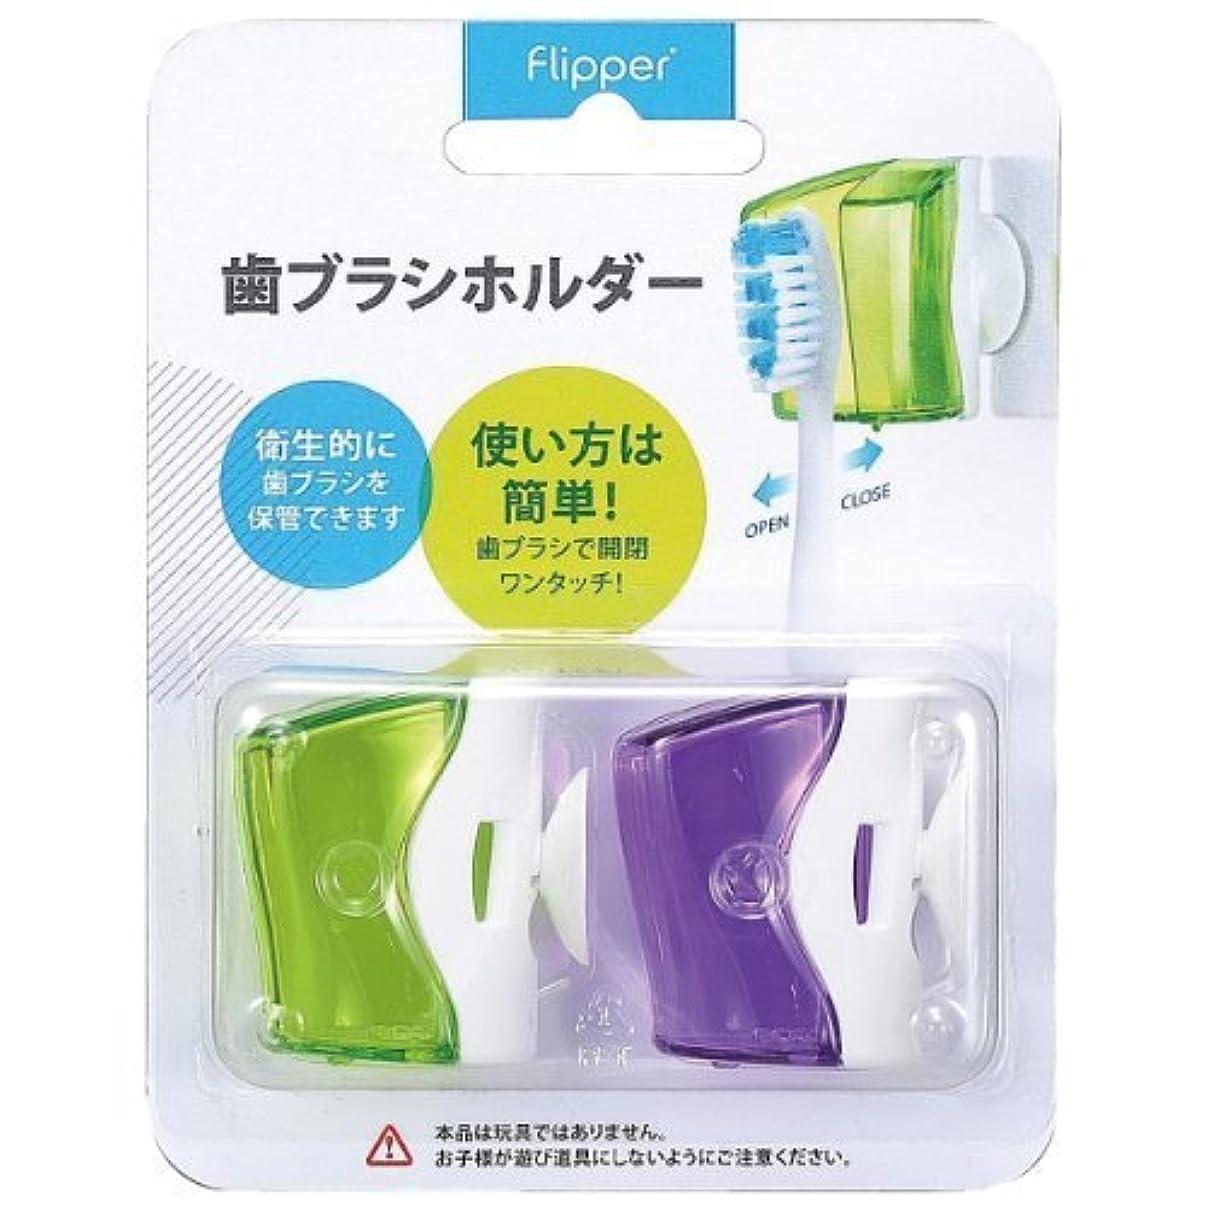 香港植物のスクランブル【歯ブラシホルダー】フリッパー ベーシック 2個セット / グリーン×パープル